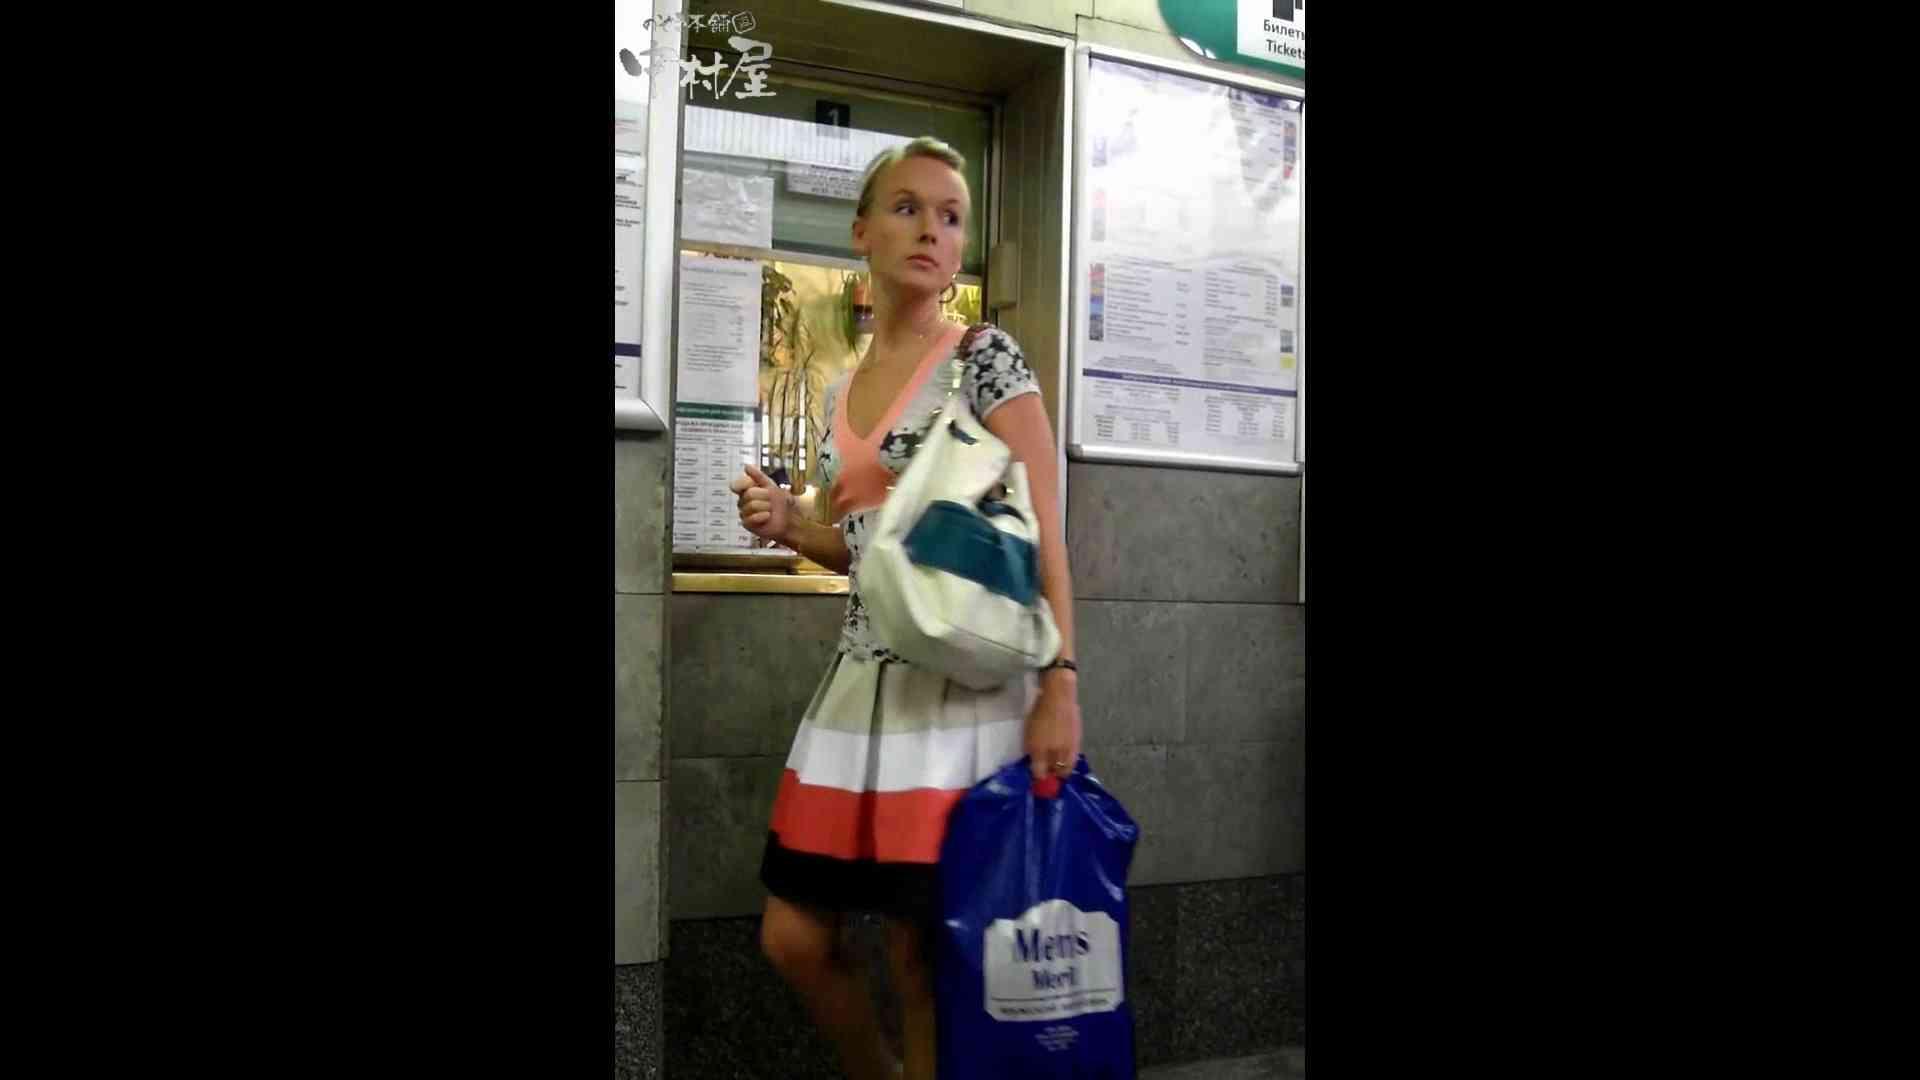 綺麗なモデルさんのスカート捲っちゃおう‼ vol27 お姉さんヌード | OLセックス  97画像 43